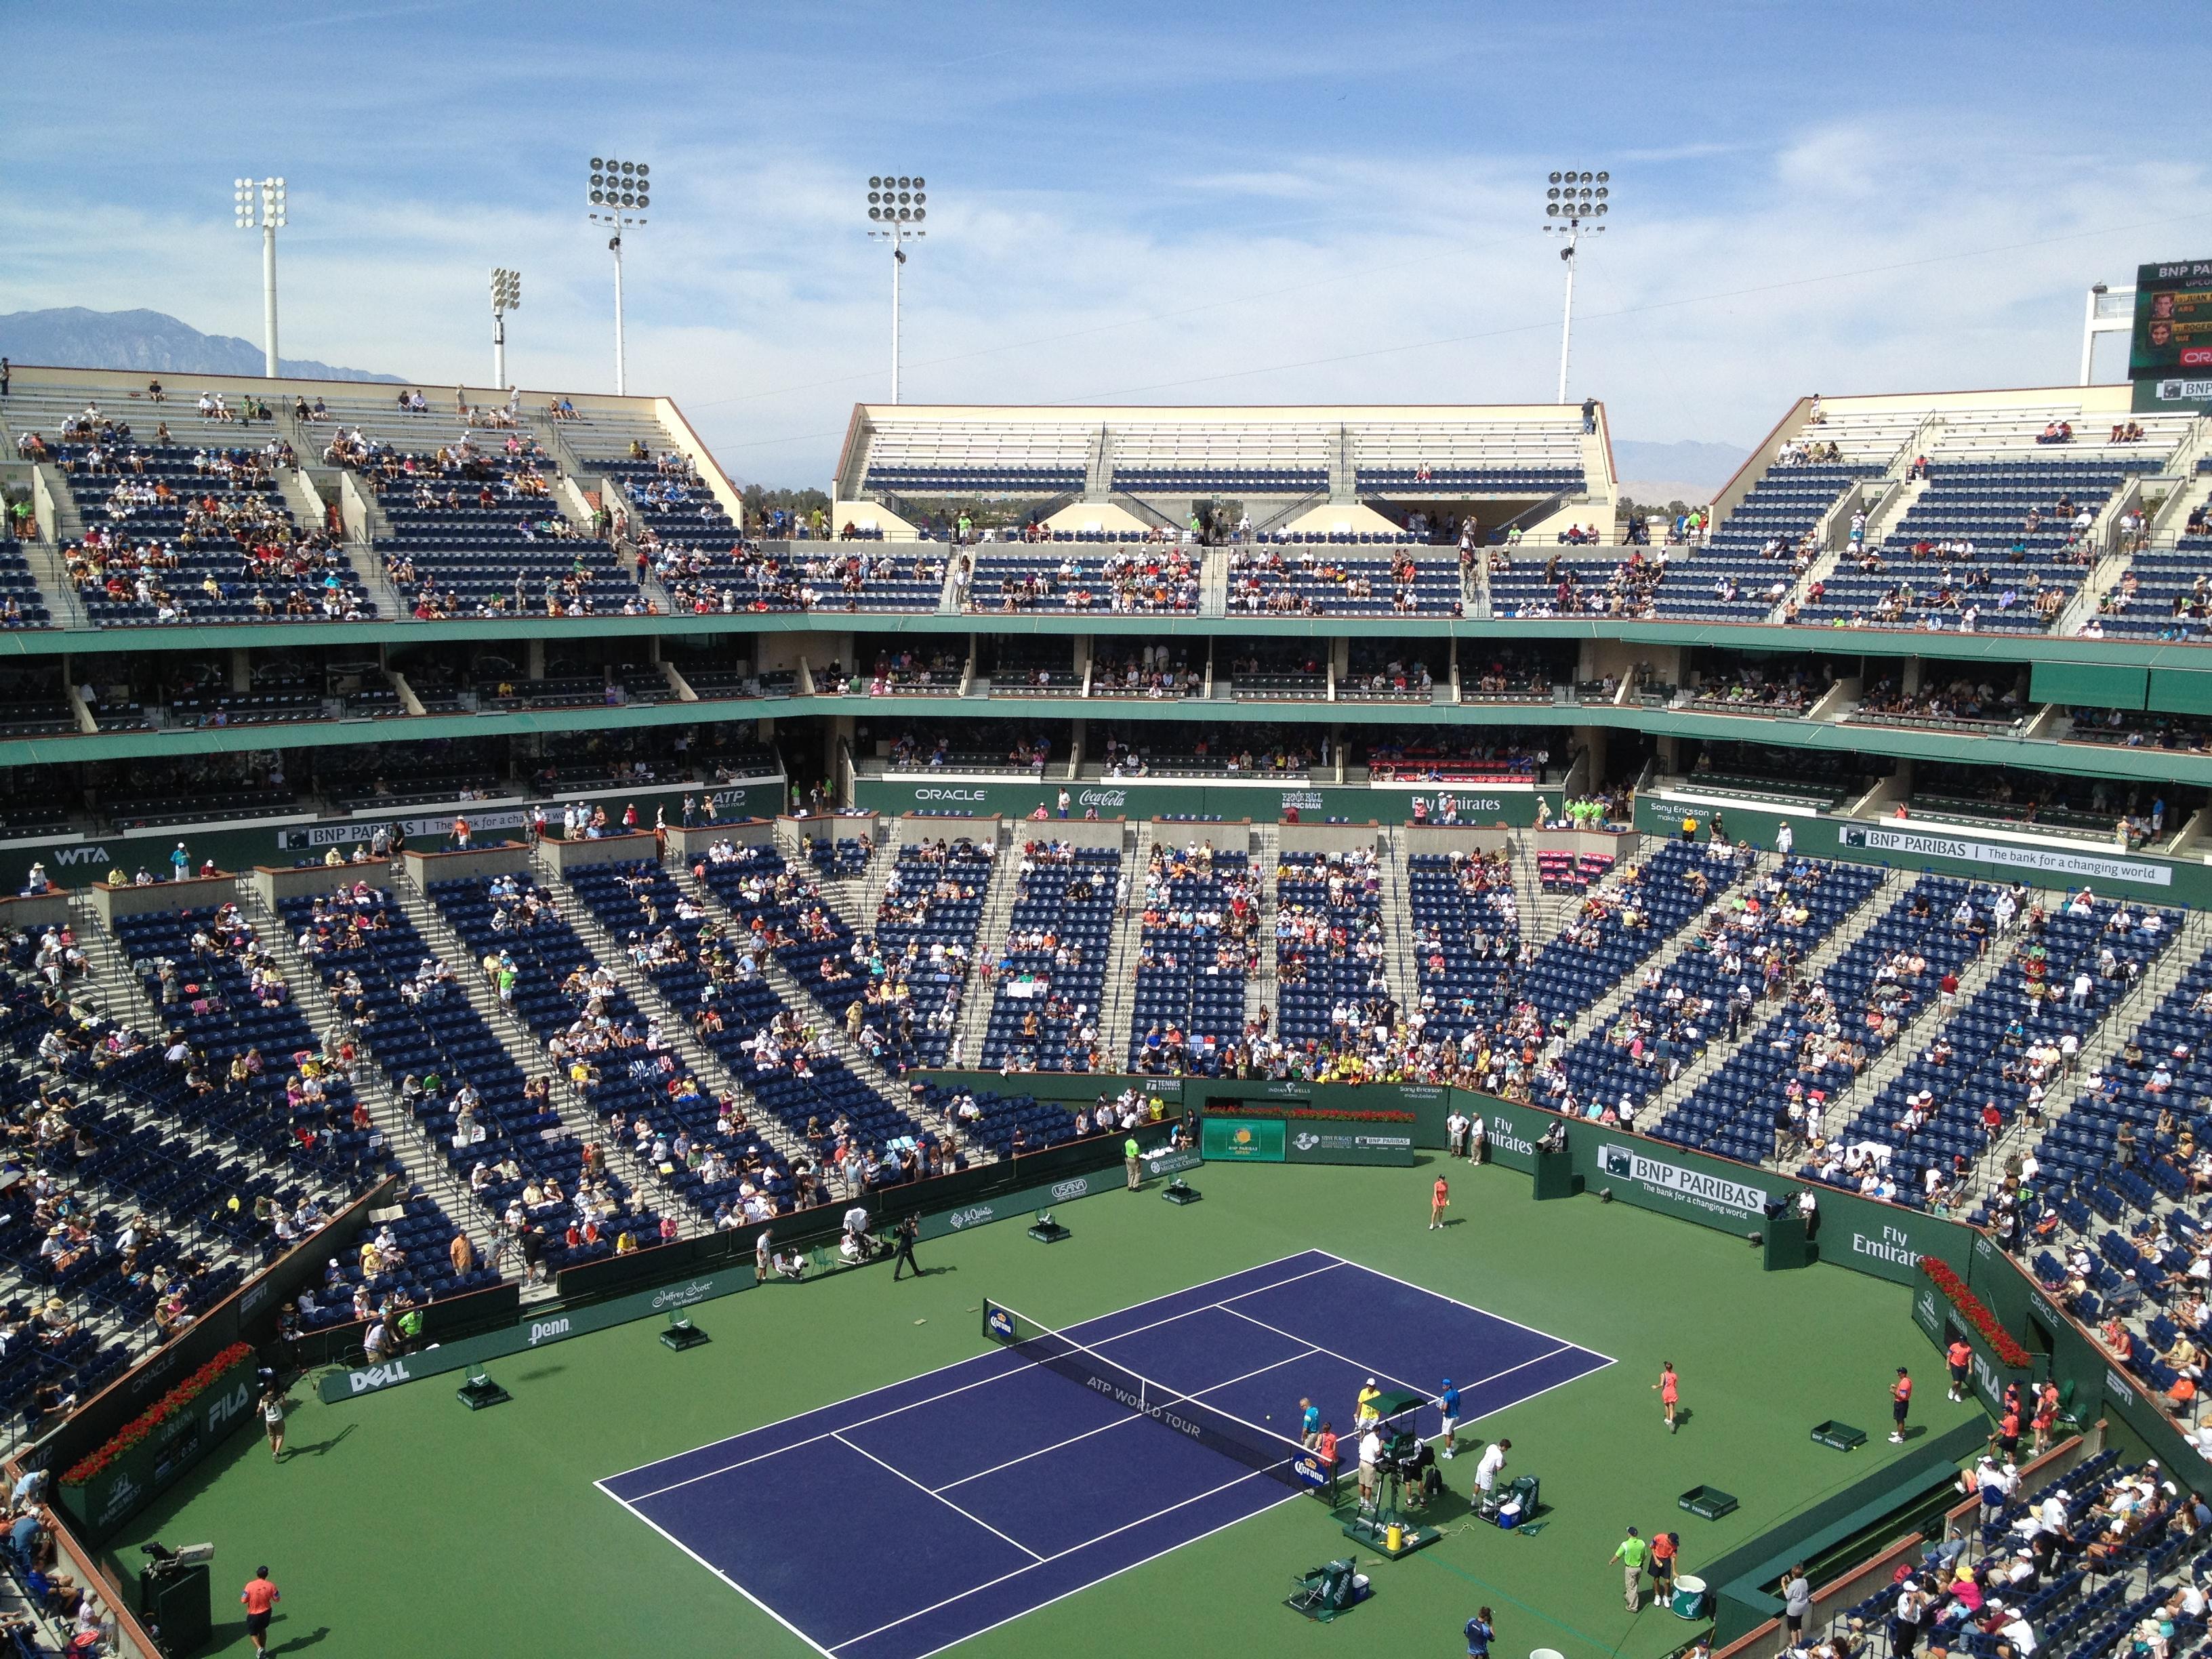 indian wells tennis garden the bodyproud initiative